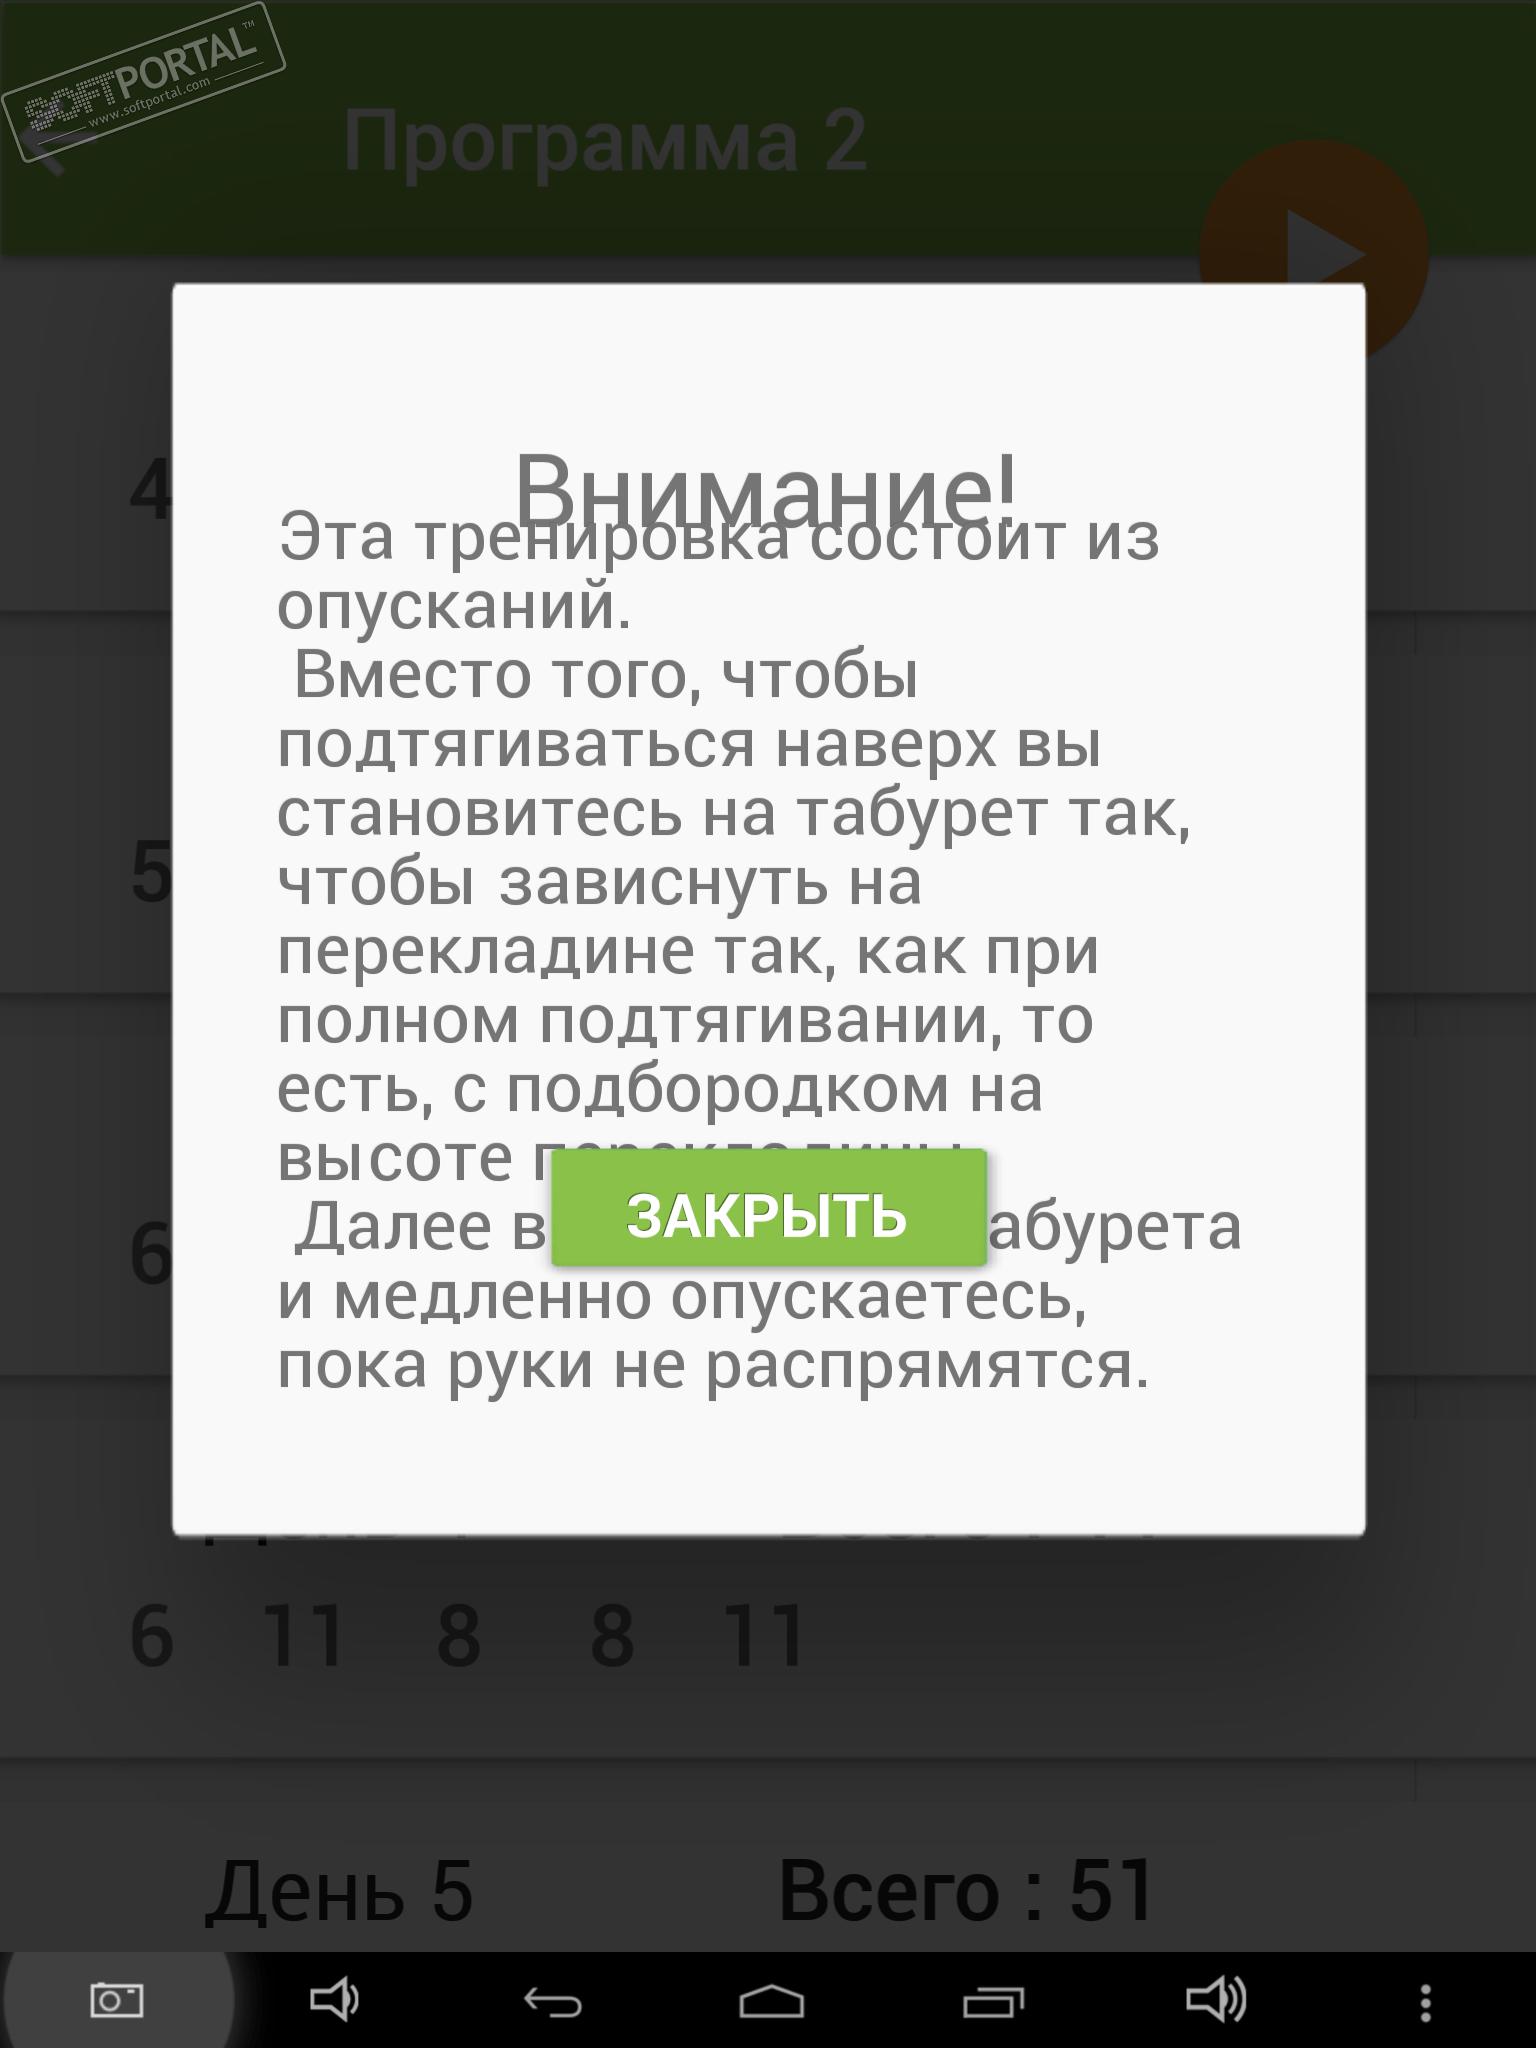 50 подтягиваний. Будь сильнее приложение app для андроинд: где.